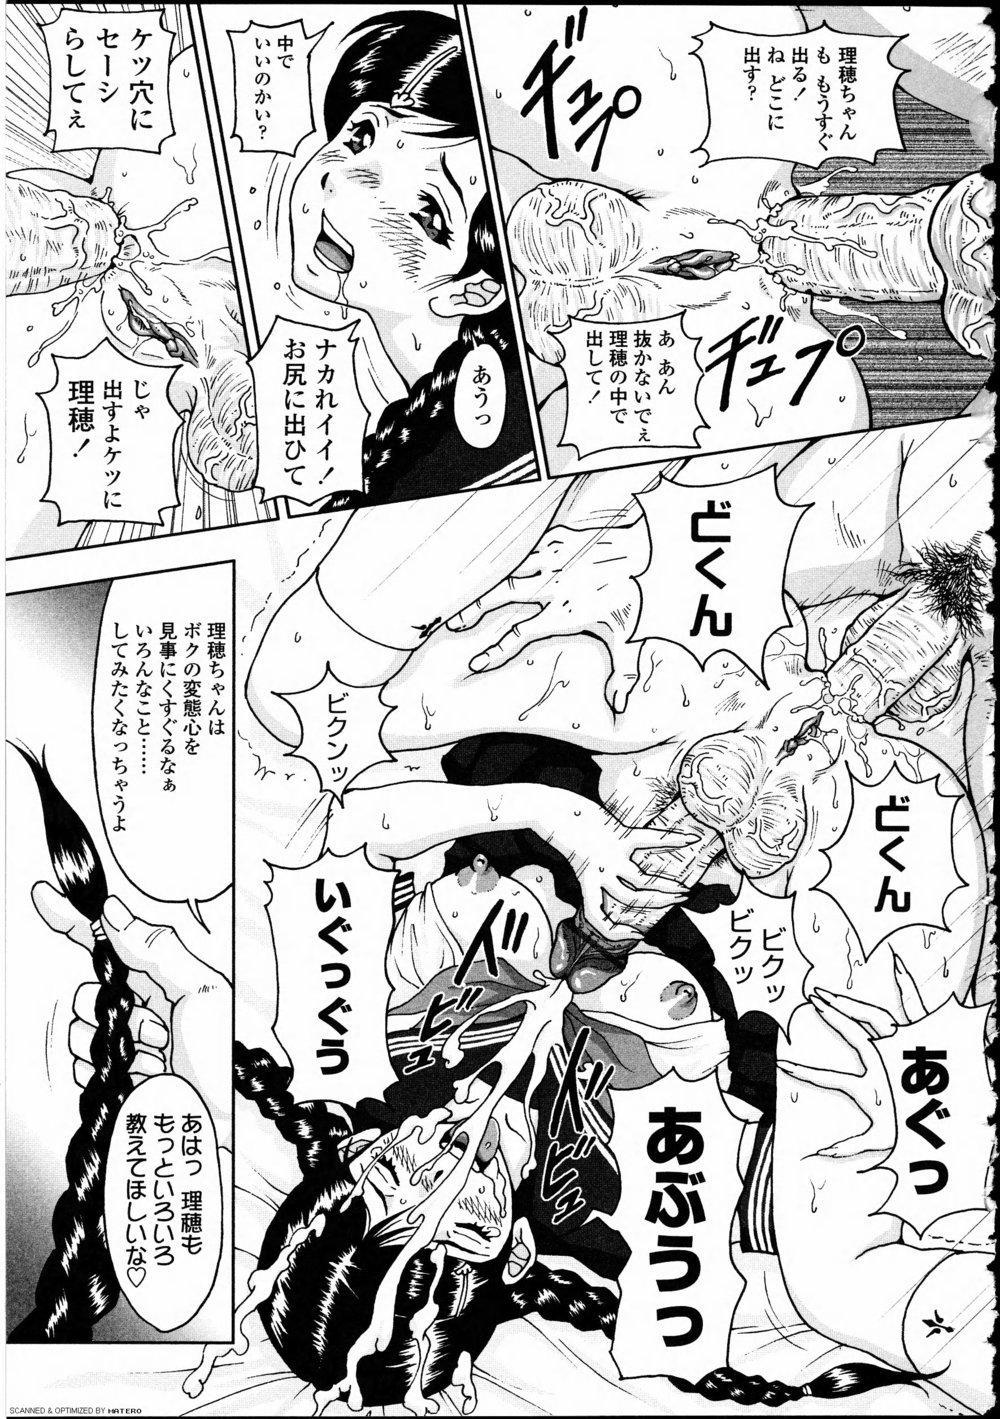 Futanarikko LOVE 10 104